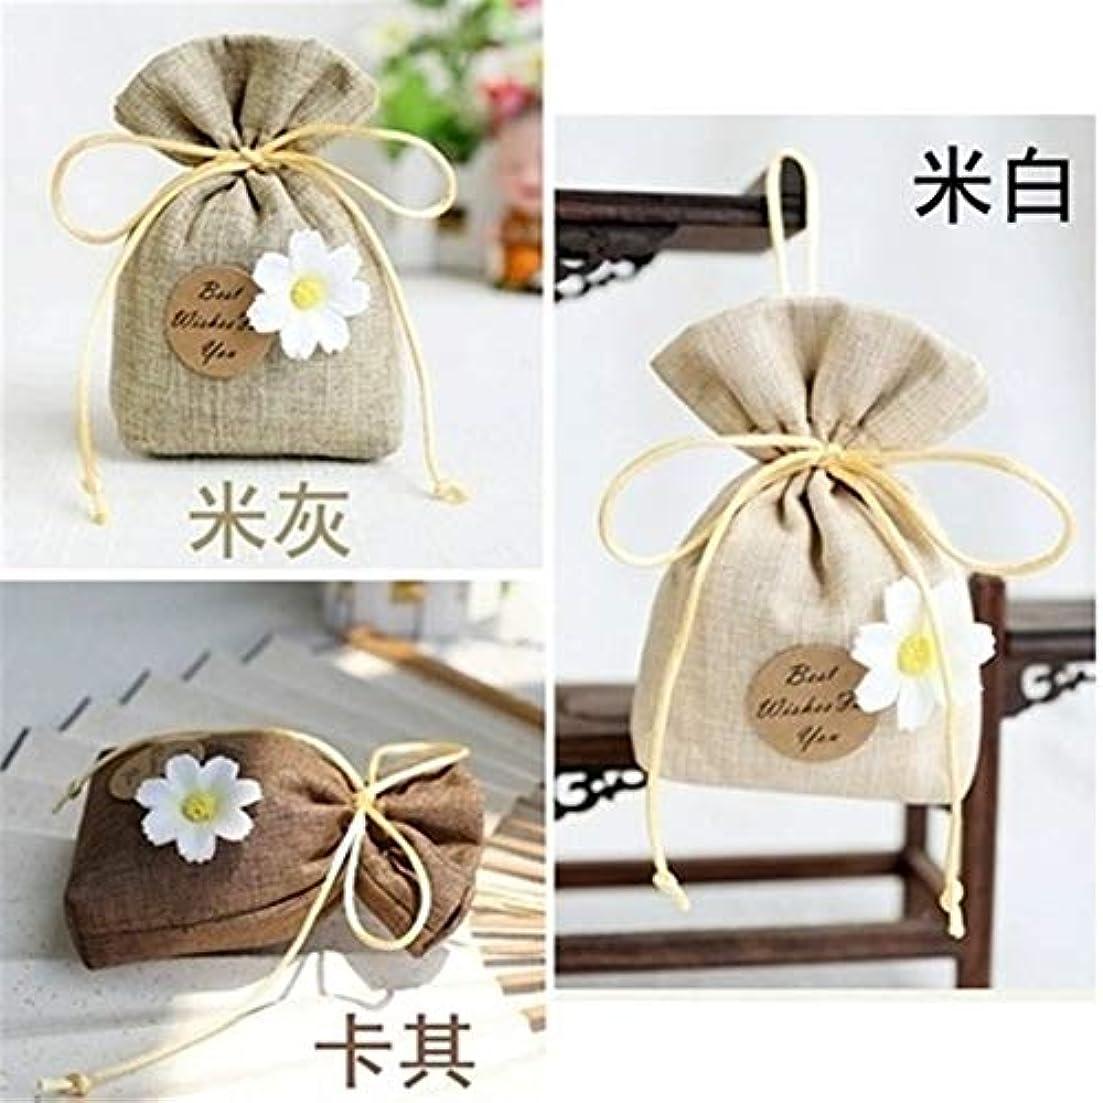 失効限られた孤独Gardenia/Clove/Gulongの芳香の芳香の芳香剤の香料入りの磨き粉、ワードローブのための自然な芳香の芳香の芳香袋、車、 (Color : Khaki, Scent Type : Gardenia)